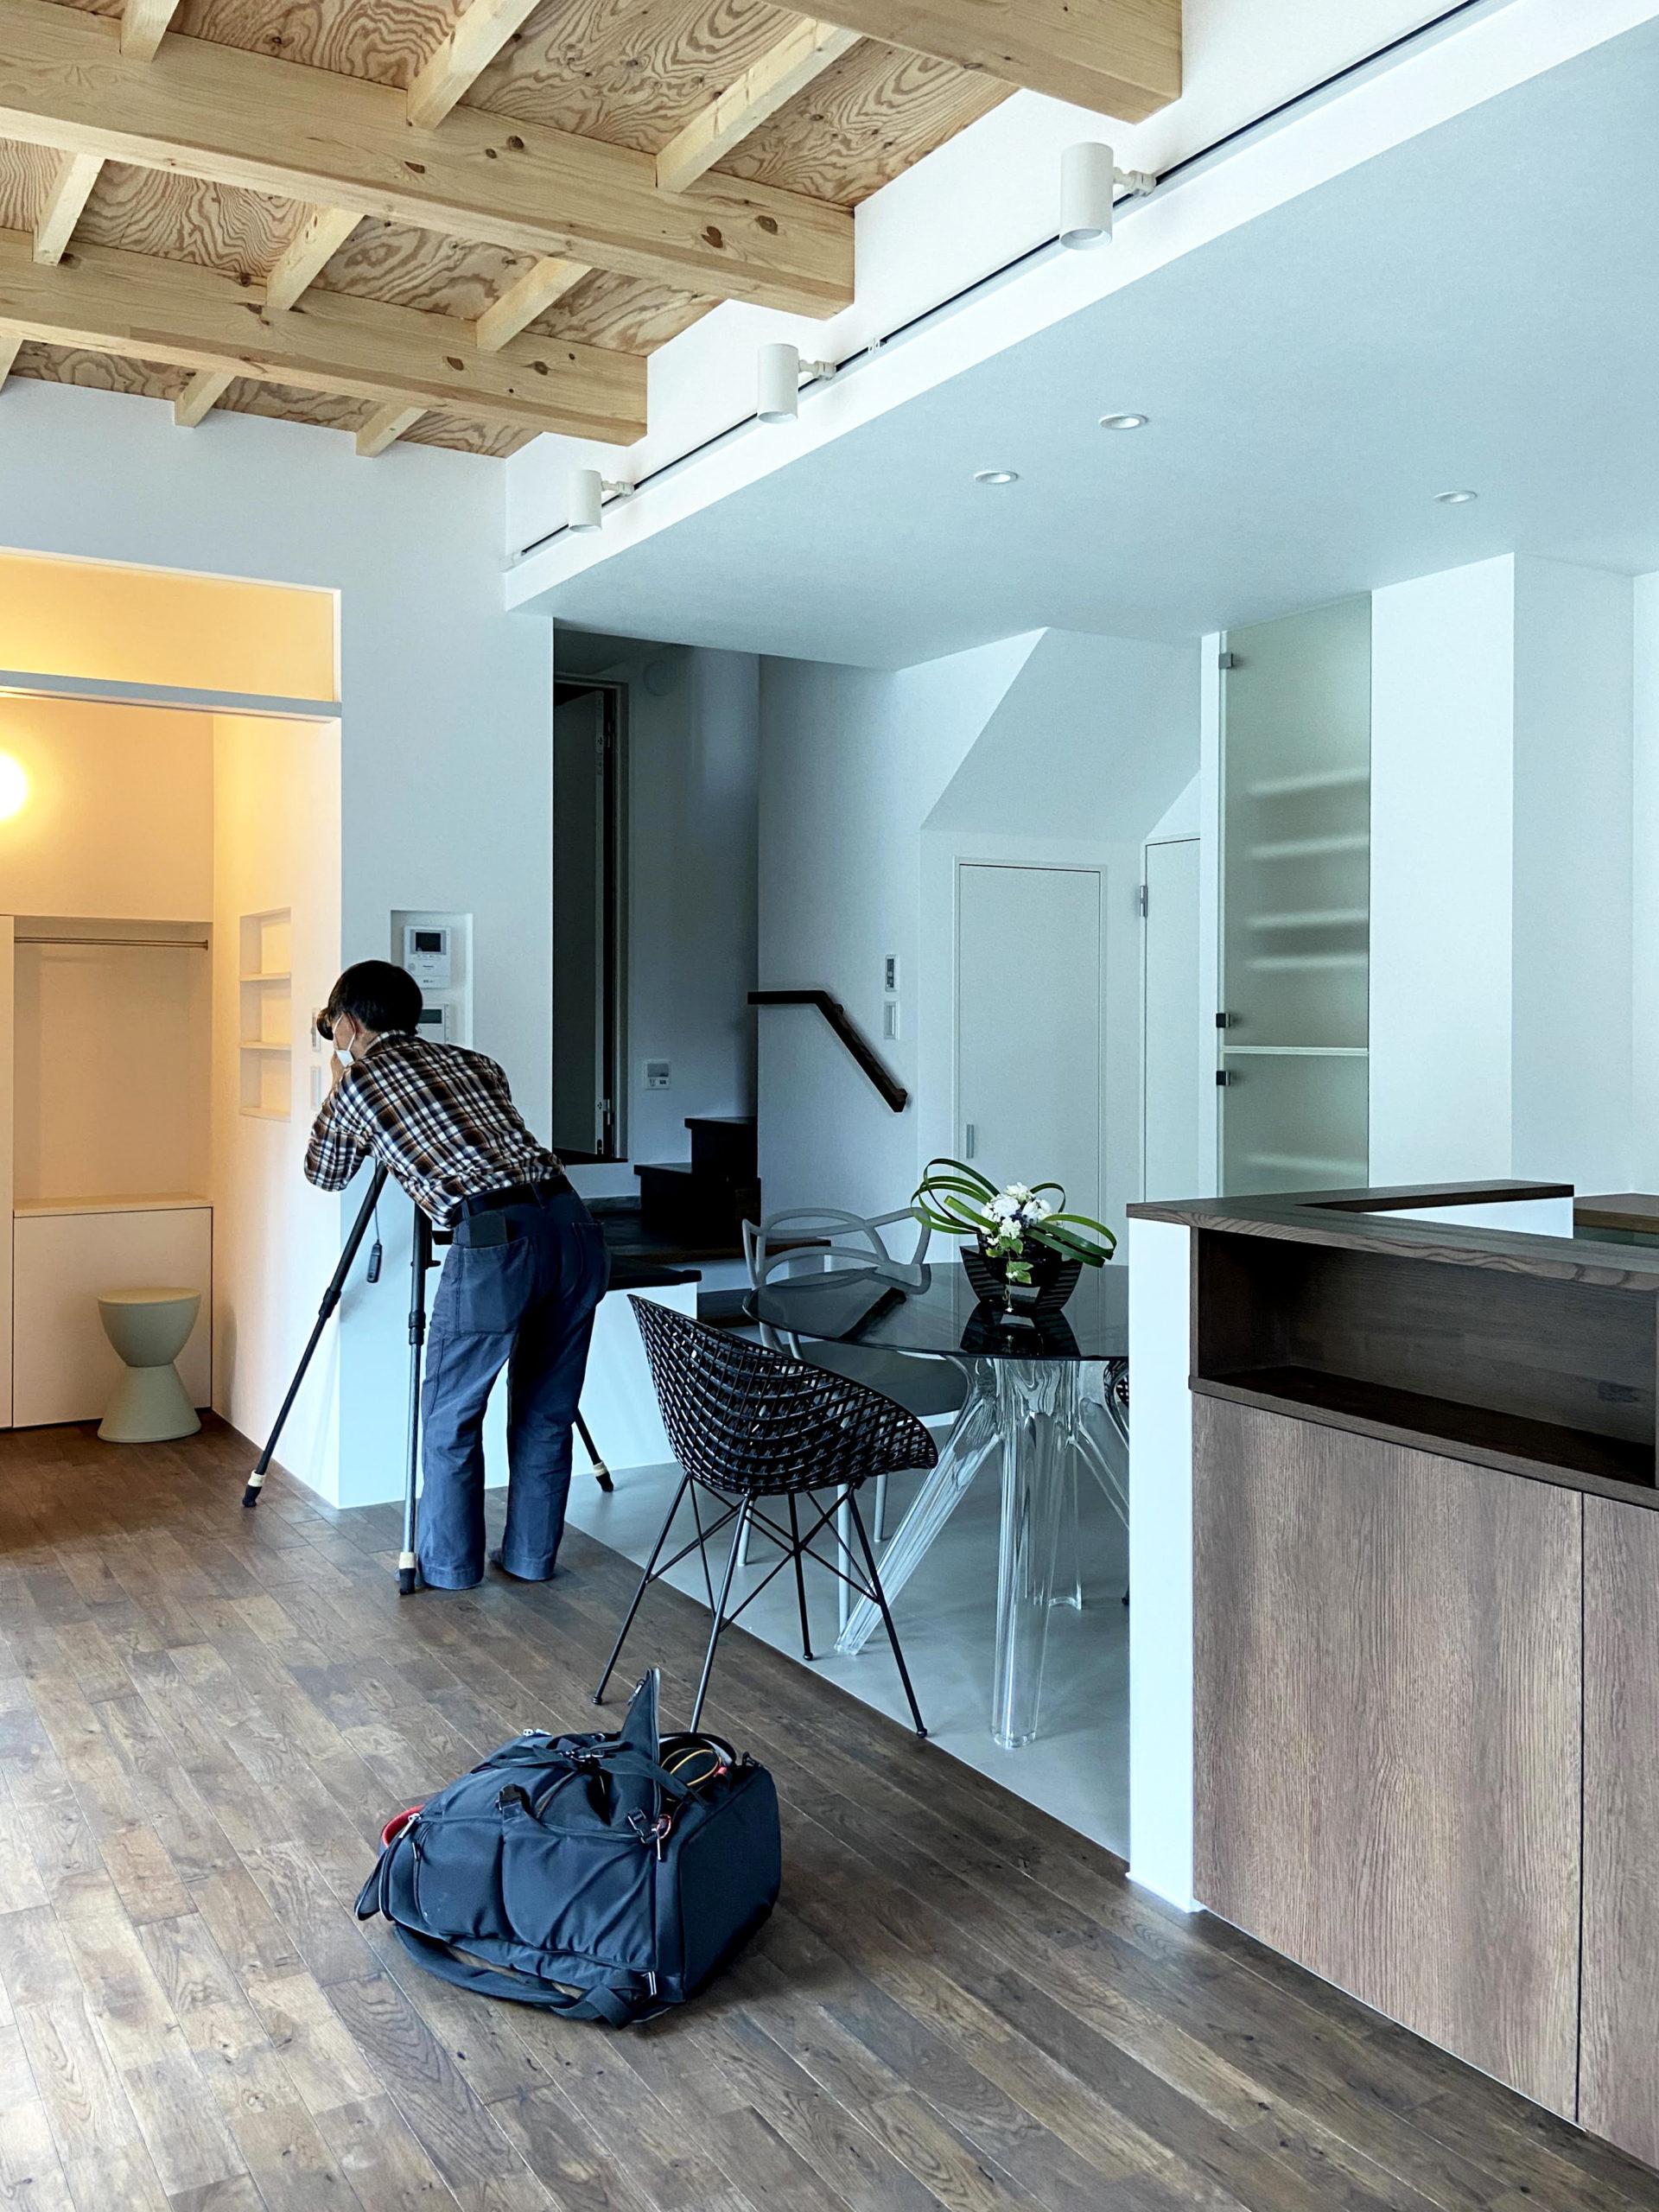 二世帯住宅プロジェクト、お引渡し・撮影